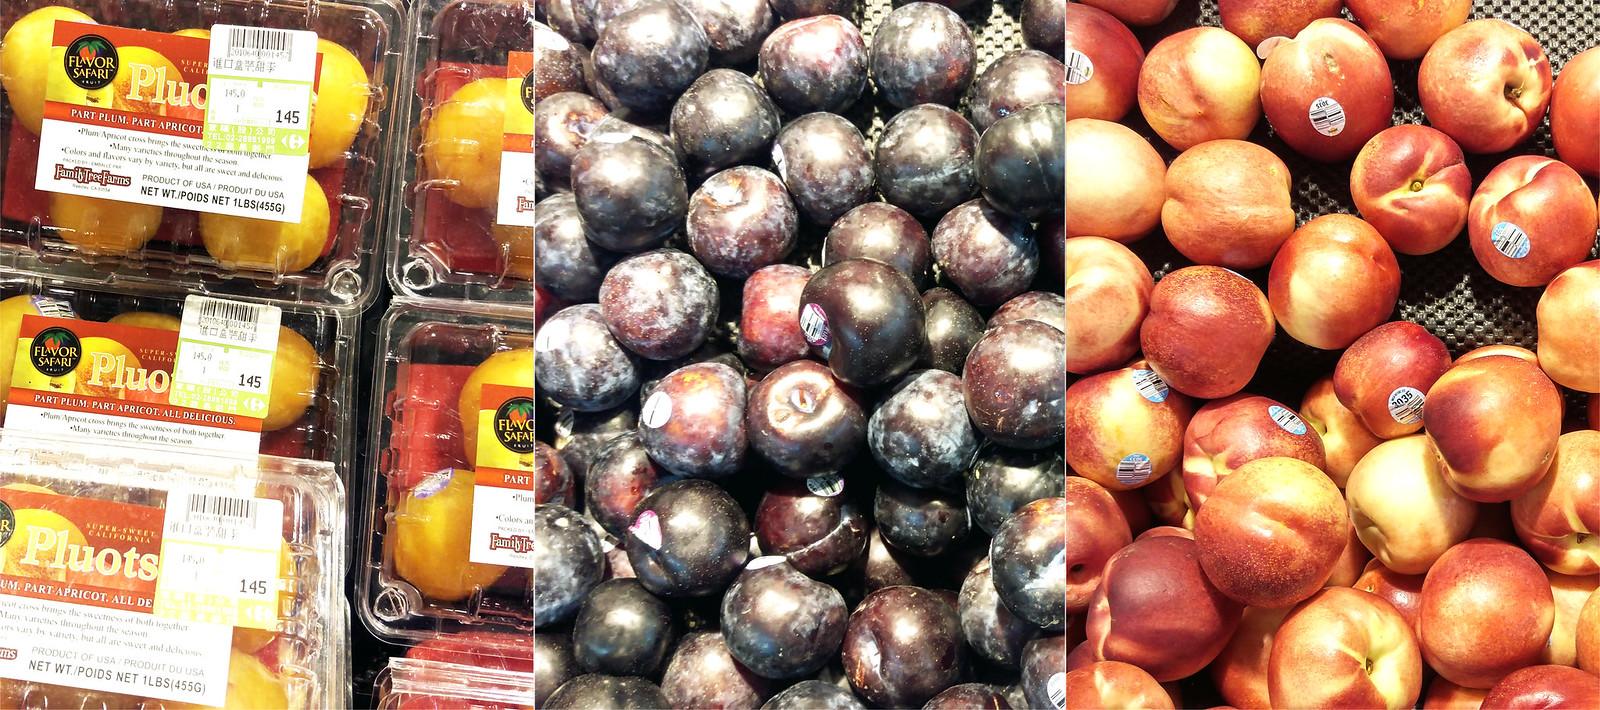 孤身廚房-藍莓甜桃法式烘餅Blueberry-Nectarin Galette38